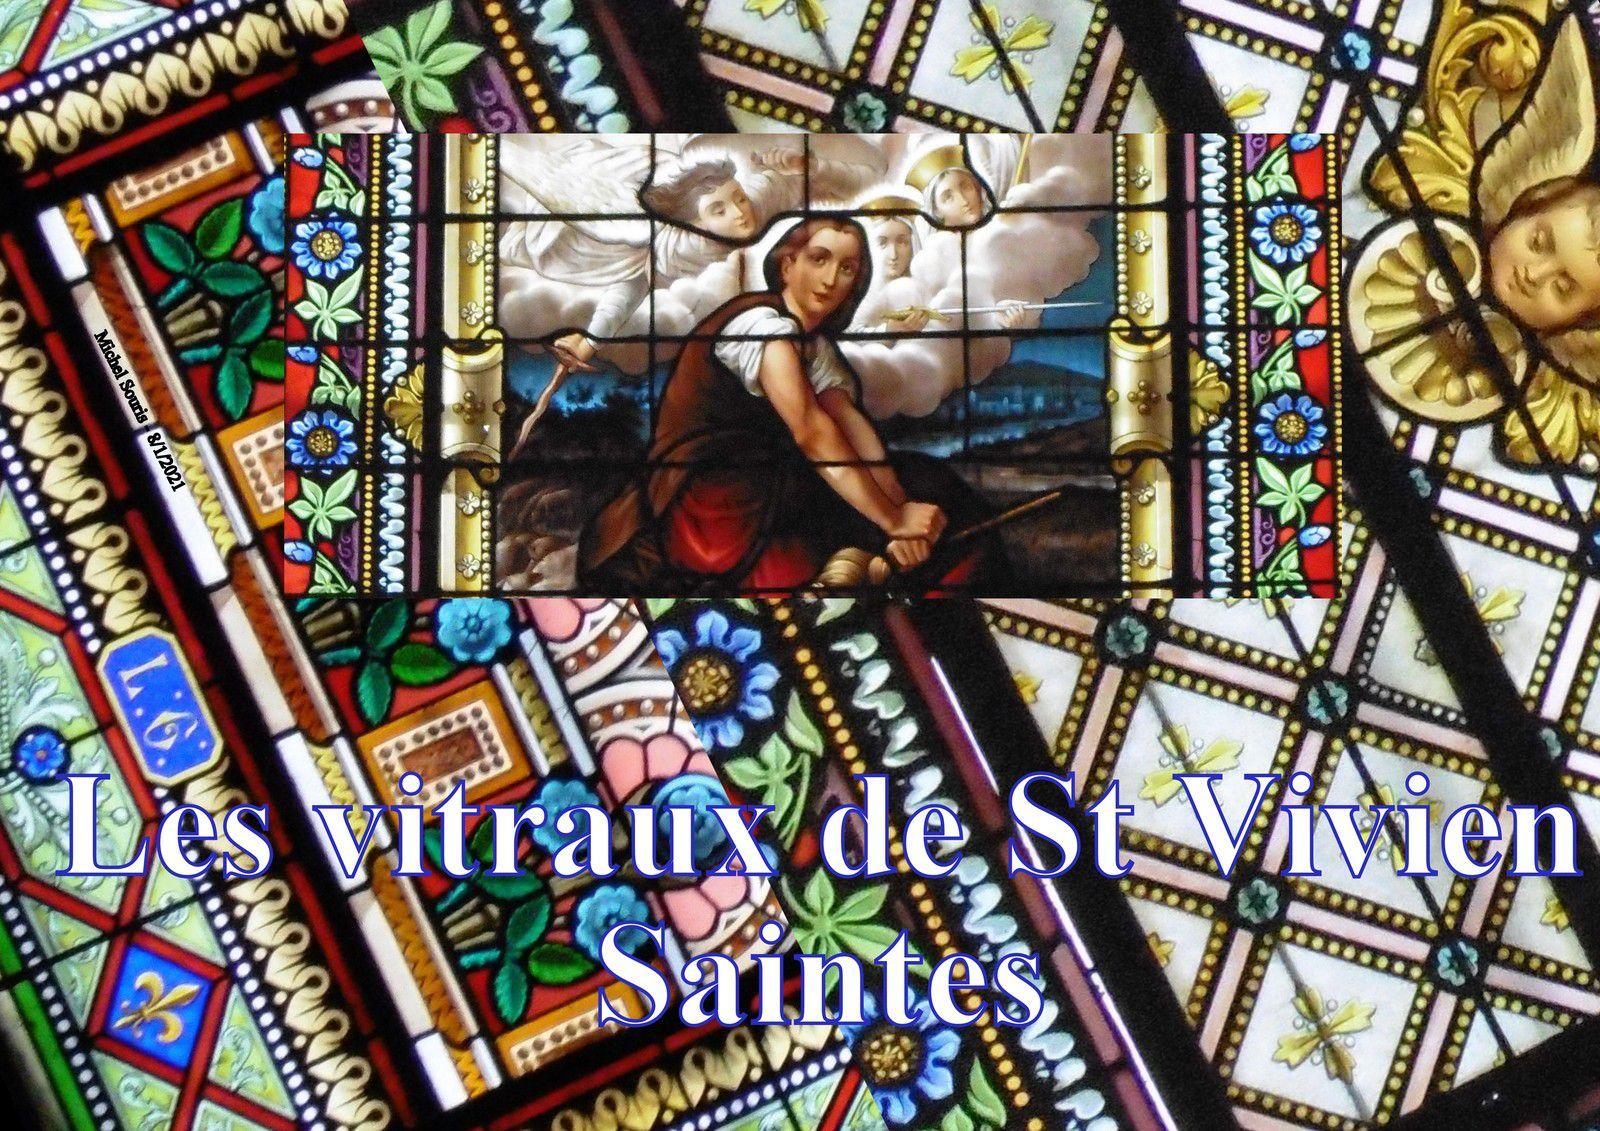 8 - Vitraux de St Vivien à Saintes.... Recueillement et partage de couleurs lumineuses